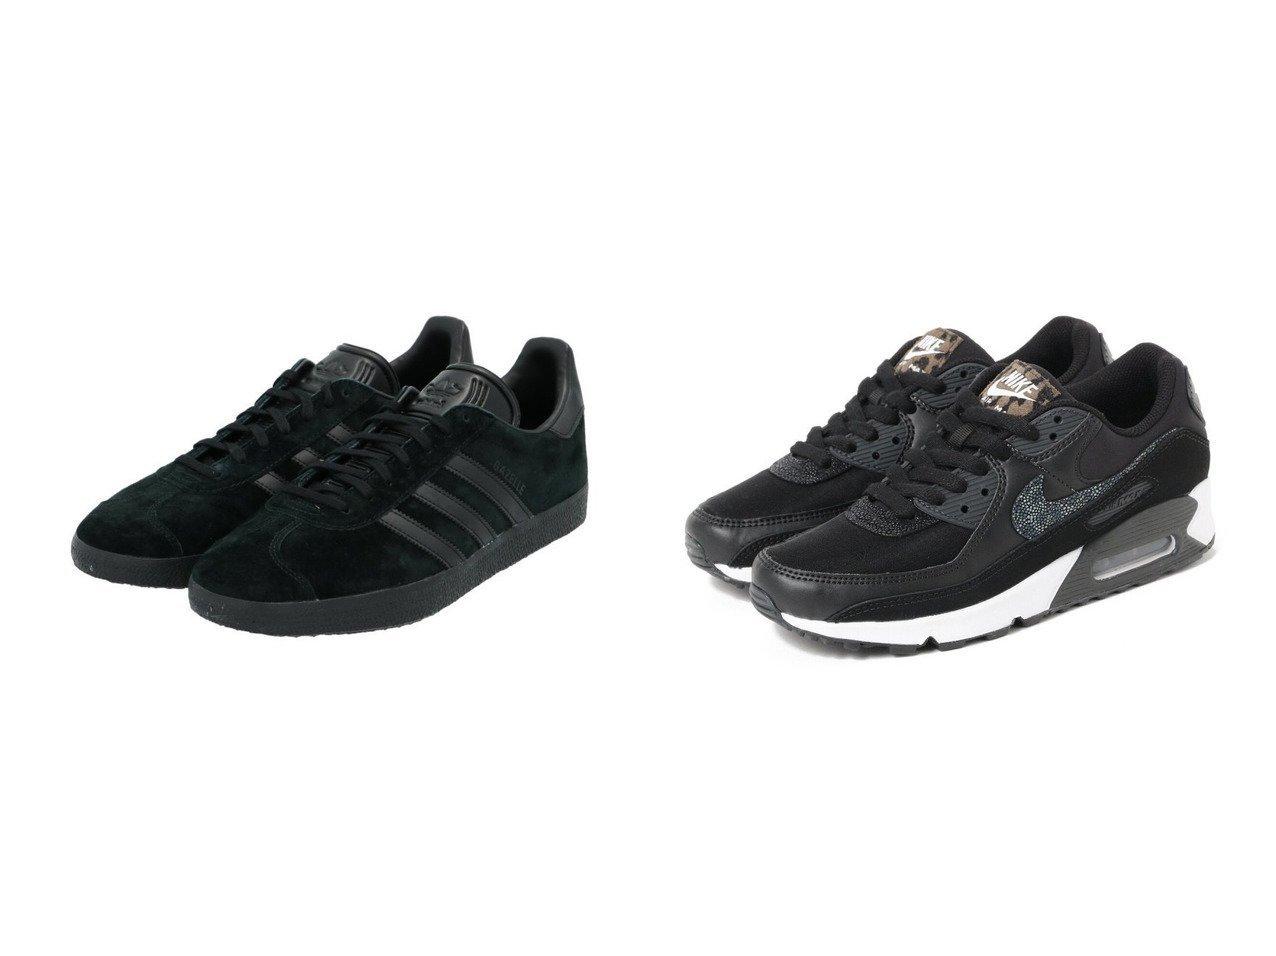 【adidas Originals/アディダス オリジナルス】のガゼル GAZELLE オリジナルス&【B:MING by BEAMS/ビーミング by ビームス】のair MAX 90 SE 【シューズ・靴】おすすめ!人気、トレンド・レディースファッションの通販 おすすめで人気の流行・トレンド、ファッションの通販商品 メンズファッション・キッズファッション・インテリア・家具・レディースファッション・服の通販 founy(ファニー) https://founy.com/ ファッション Fashion レディースファッション WOMEN アニマル クッション シューズ スニーカー スリッポン 定番 Standard 人気 モノトーン ランニング NEW・新作・新着・新入荷 New Arrivals おすすめ Recommend スポーツ バランス ミックス モダン |ID:crp329100000027851